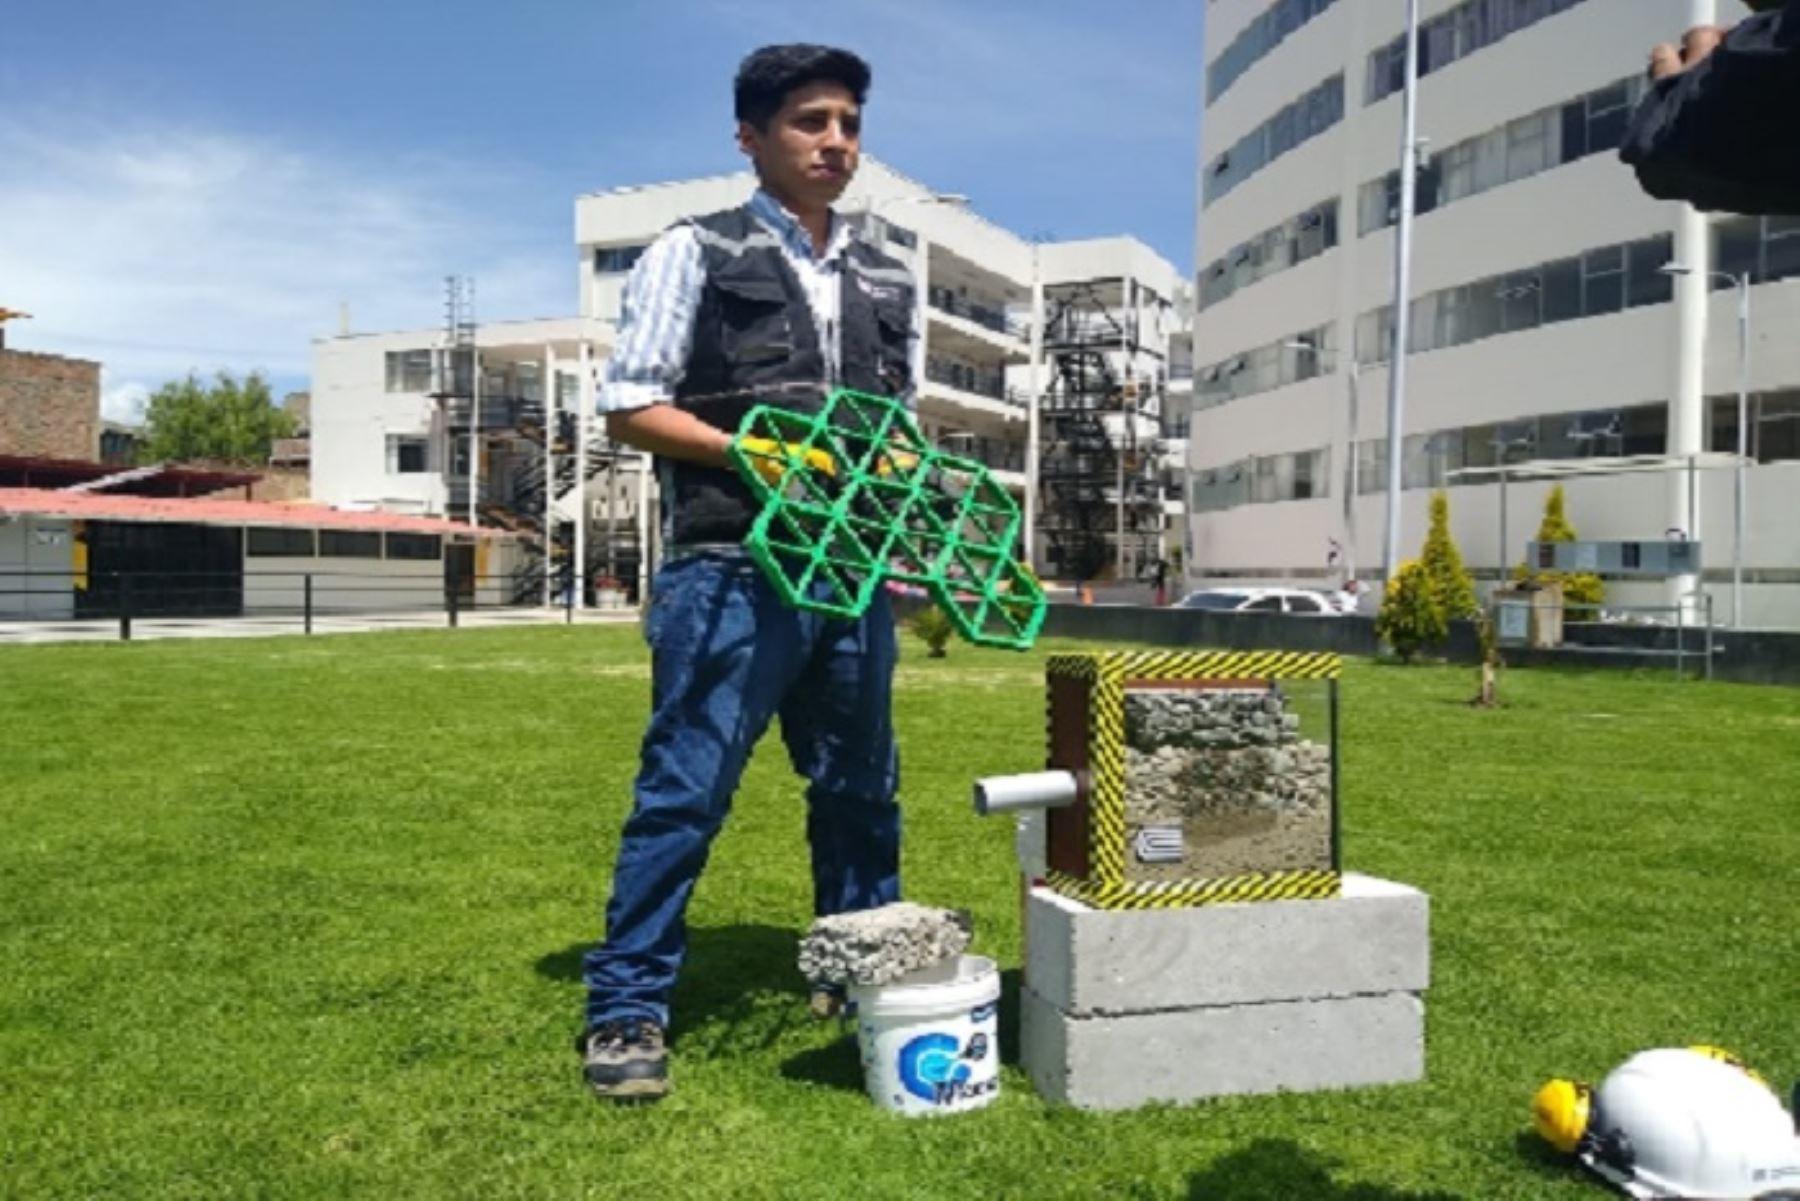 Miguel Núñez, estudiante de Ingeniería Civil de la Universidad Continental de Huancayo, en la región Junín, diseñó un sistema de drenaje ecológico que es una ingeniosa alternativa para evitar las inundaciones en ciudades donde se registran lluvias intensas.